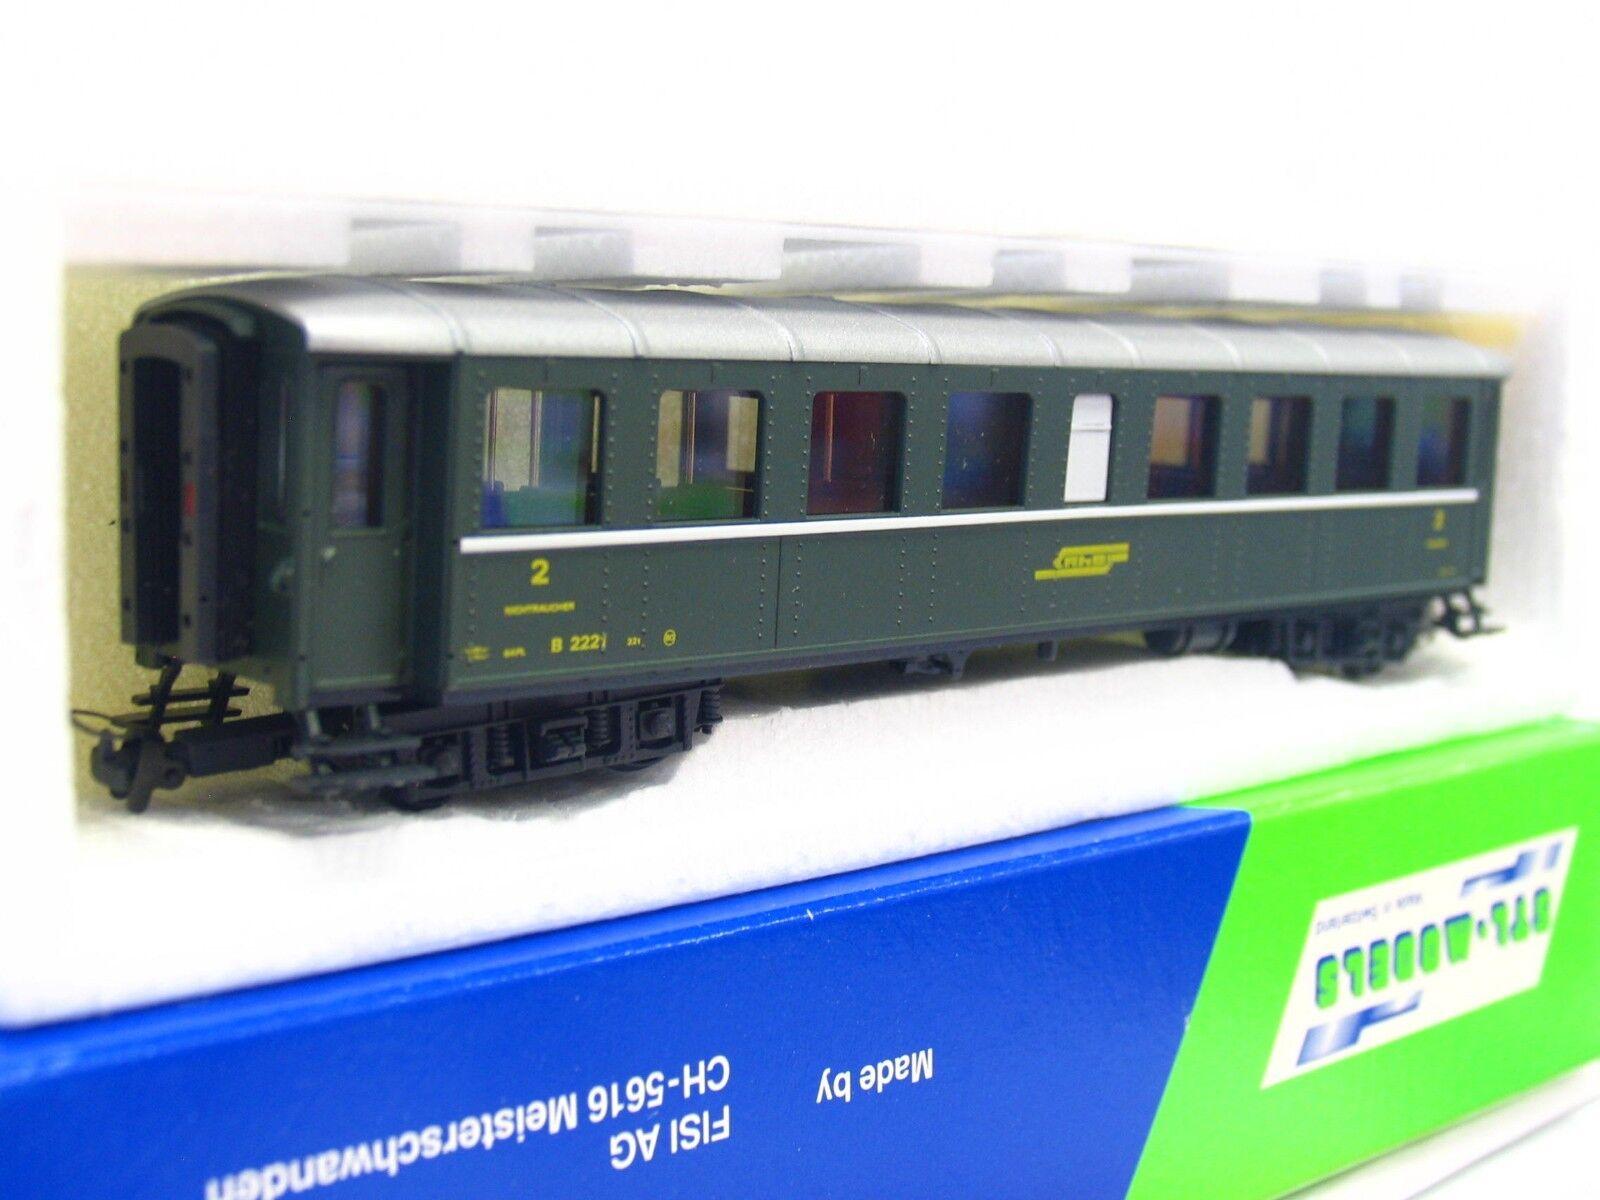 Wabu   STL-Models H0m Personenwagen B 2221 2. Klasse RhB OVP (RB3400)    Gewinnen Sie hoch geschätzt